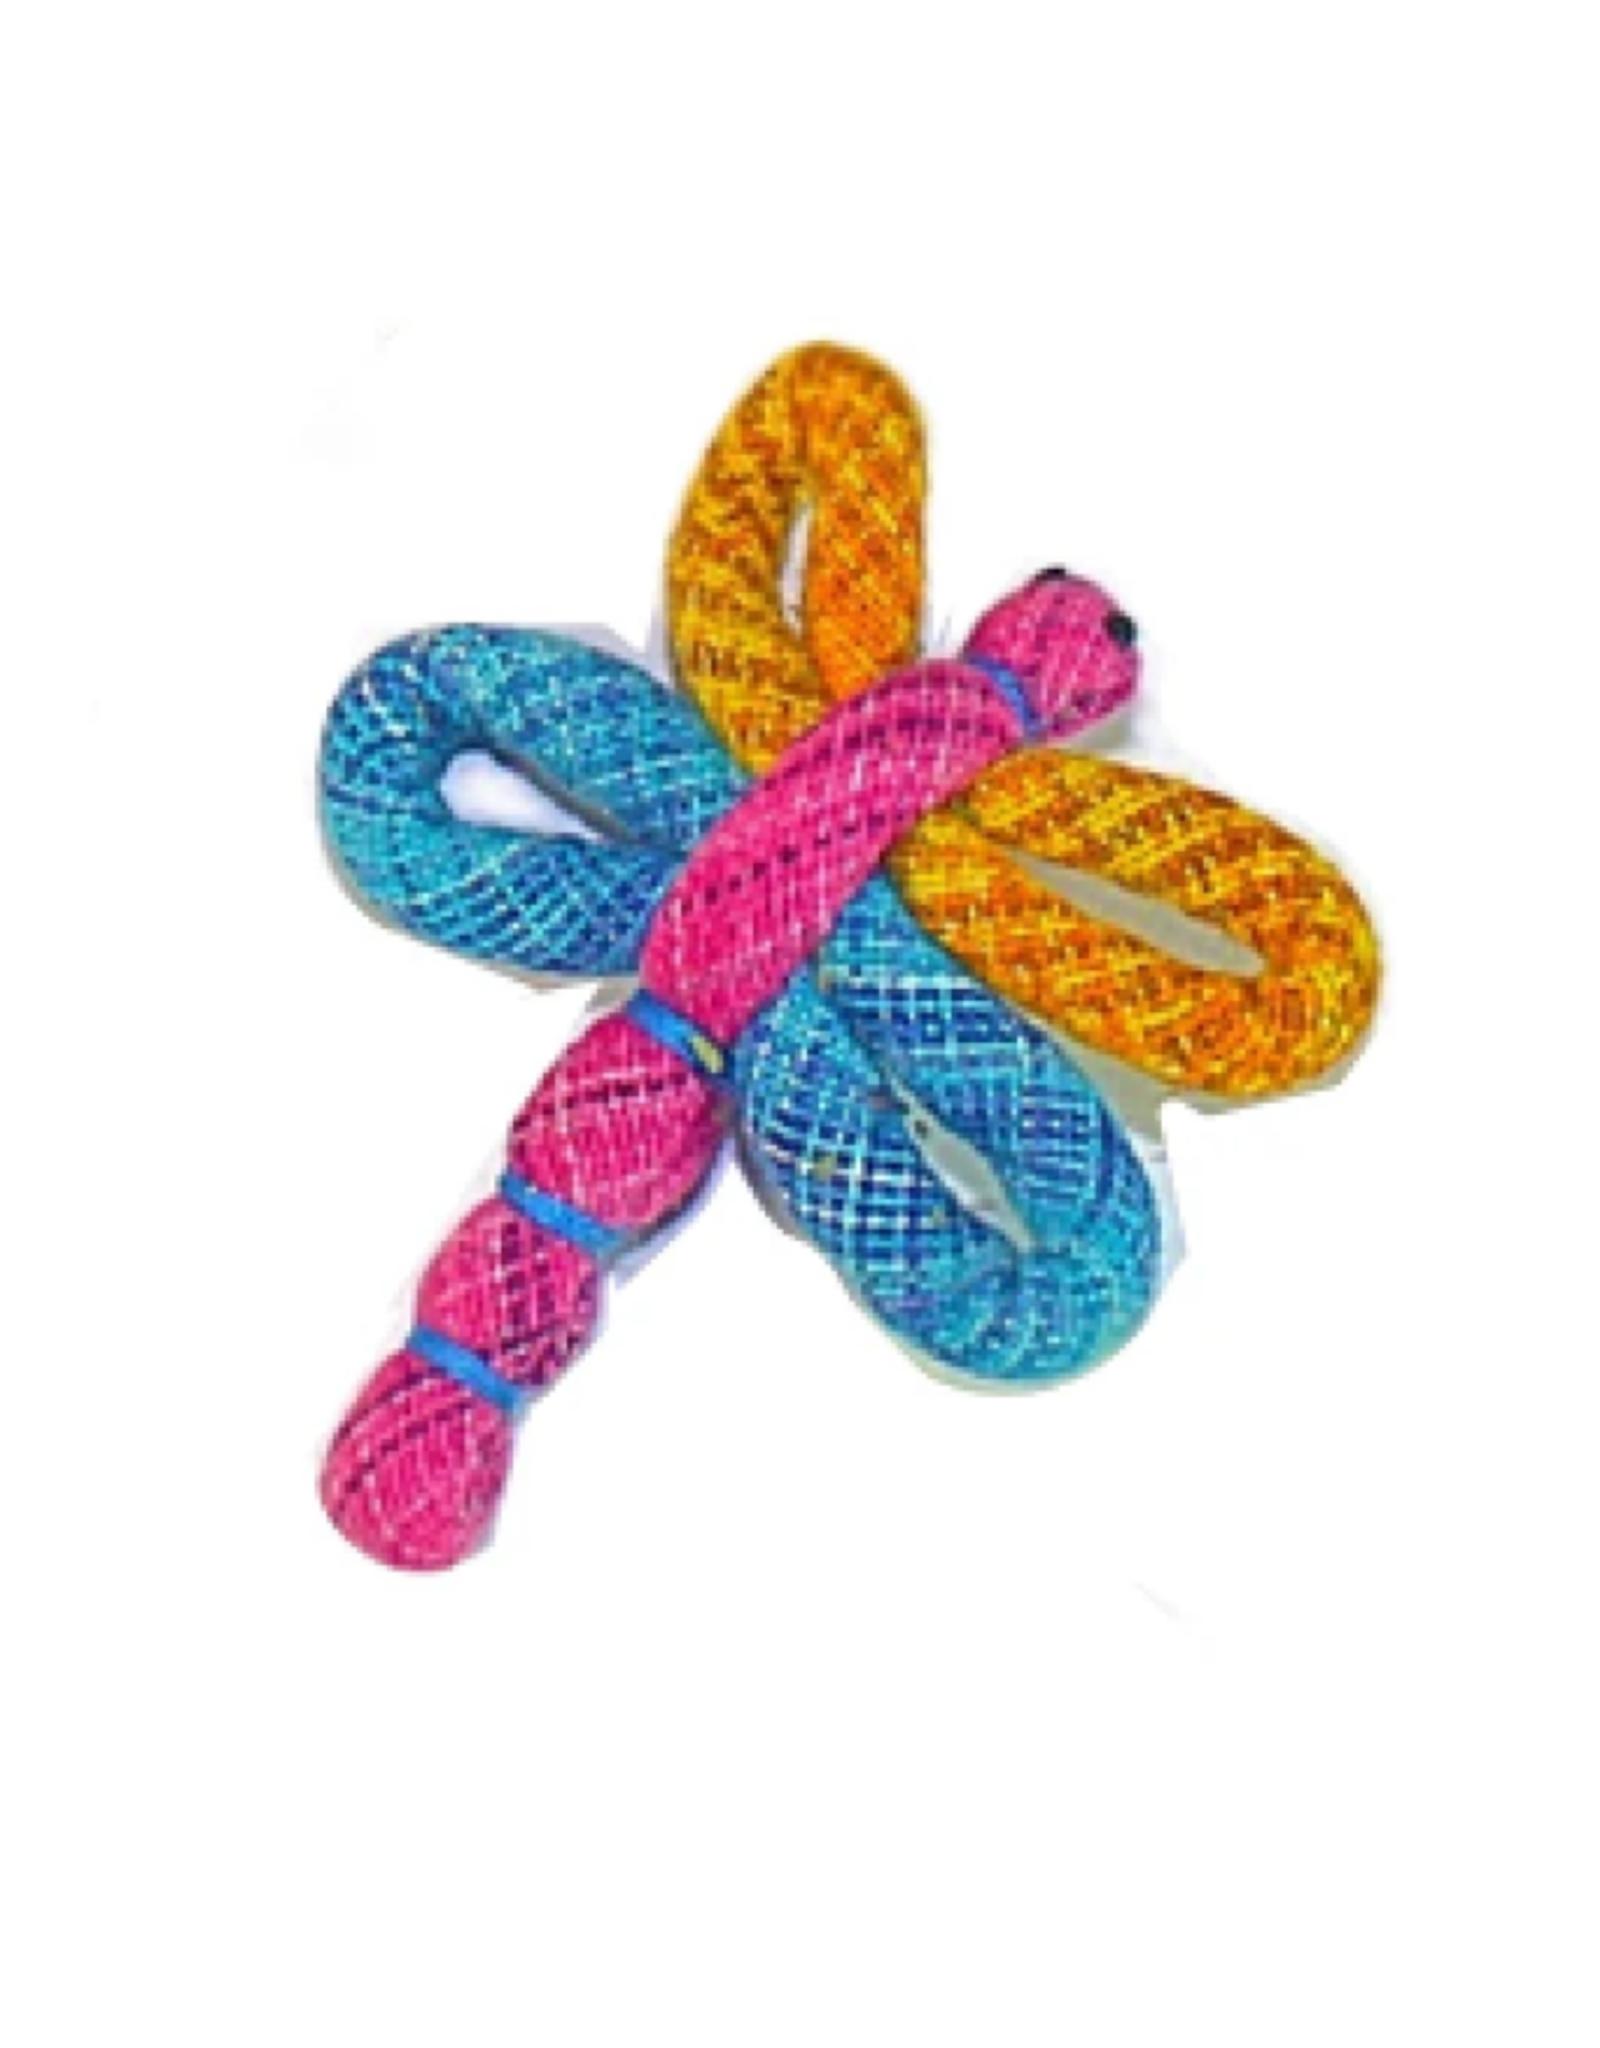 Goli Dragonfly Cat Toy